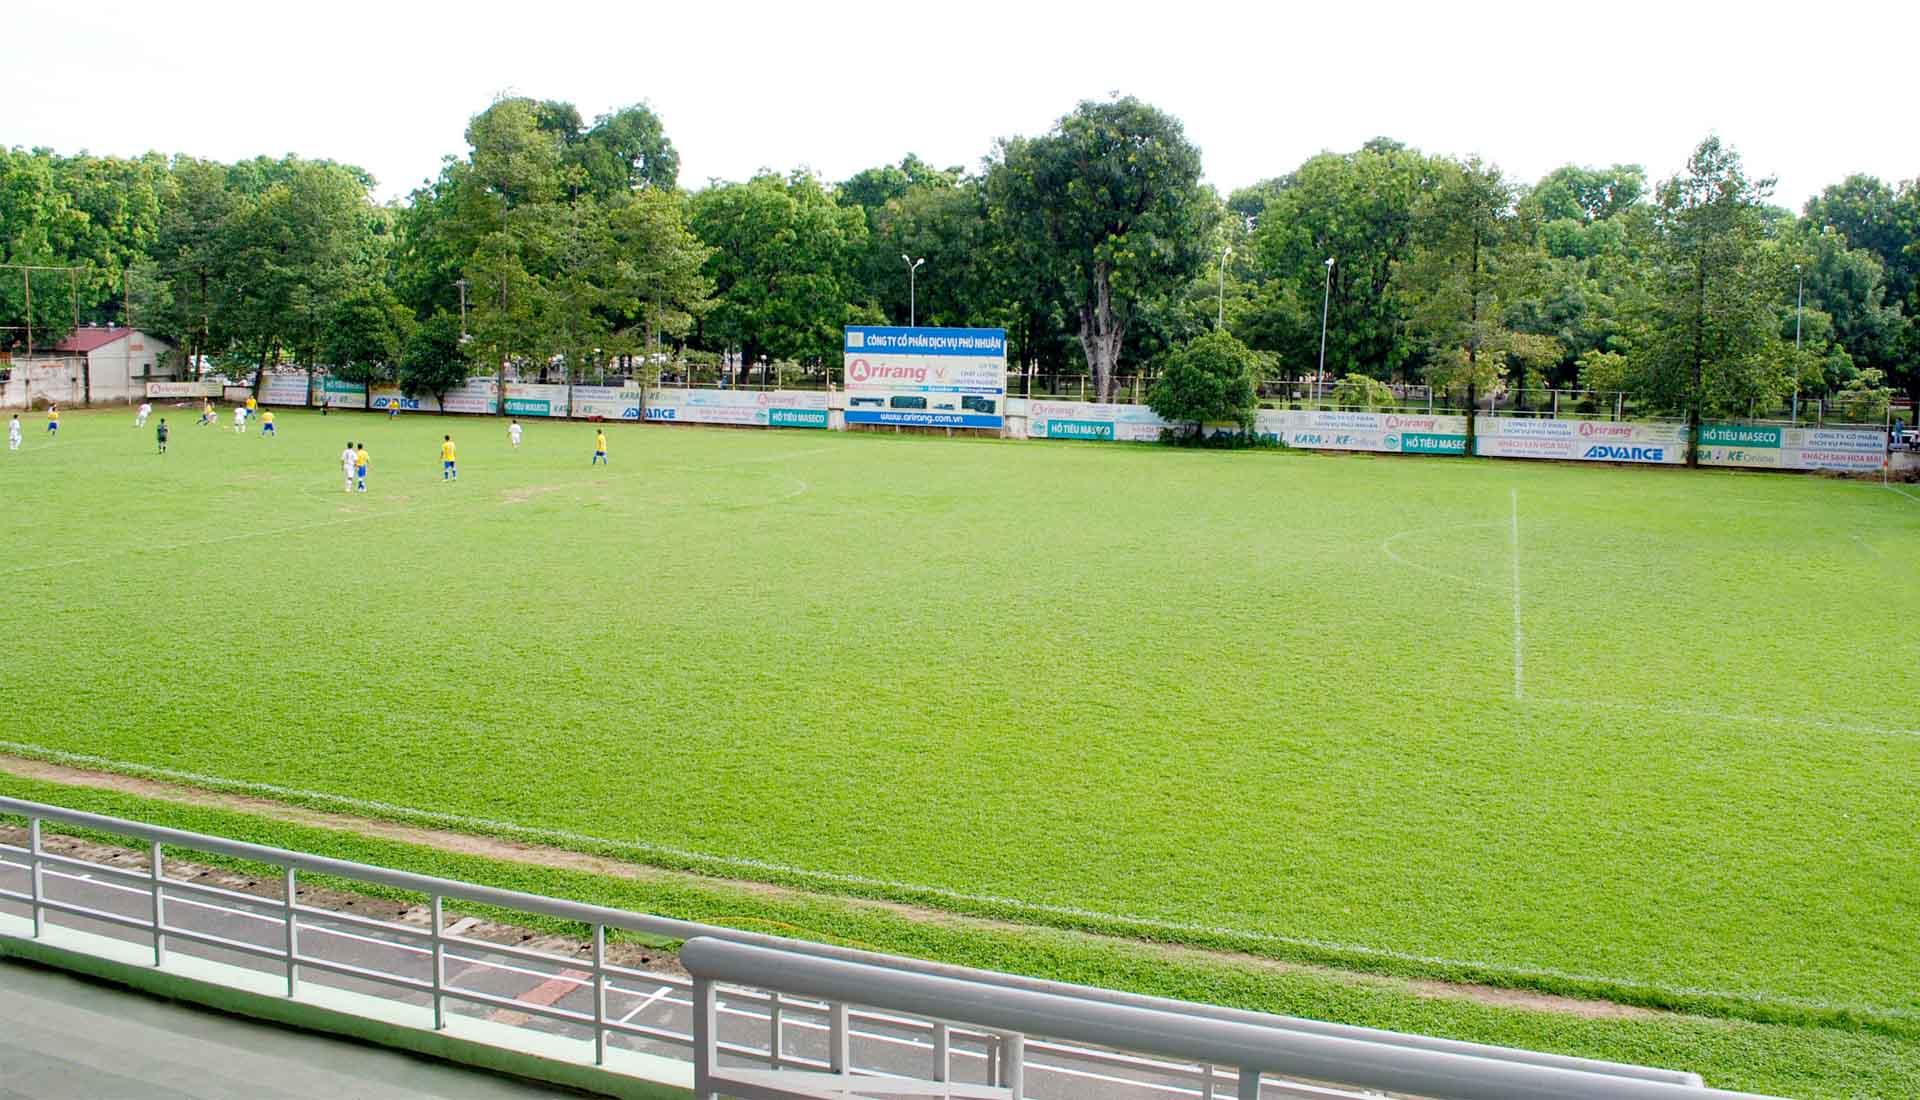 Sân bóng cỏ tự nhiên 11 người theo tiêu chuẩn của IFAB